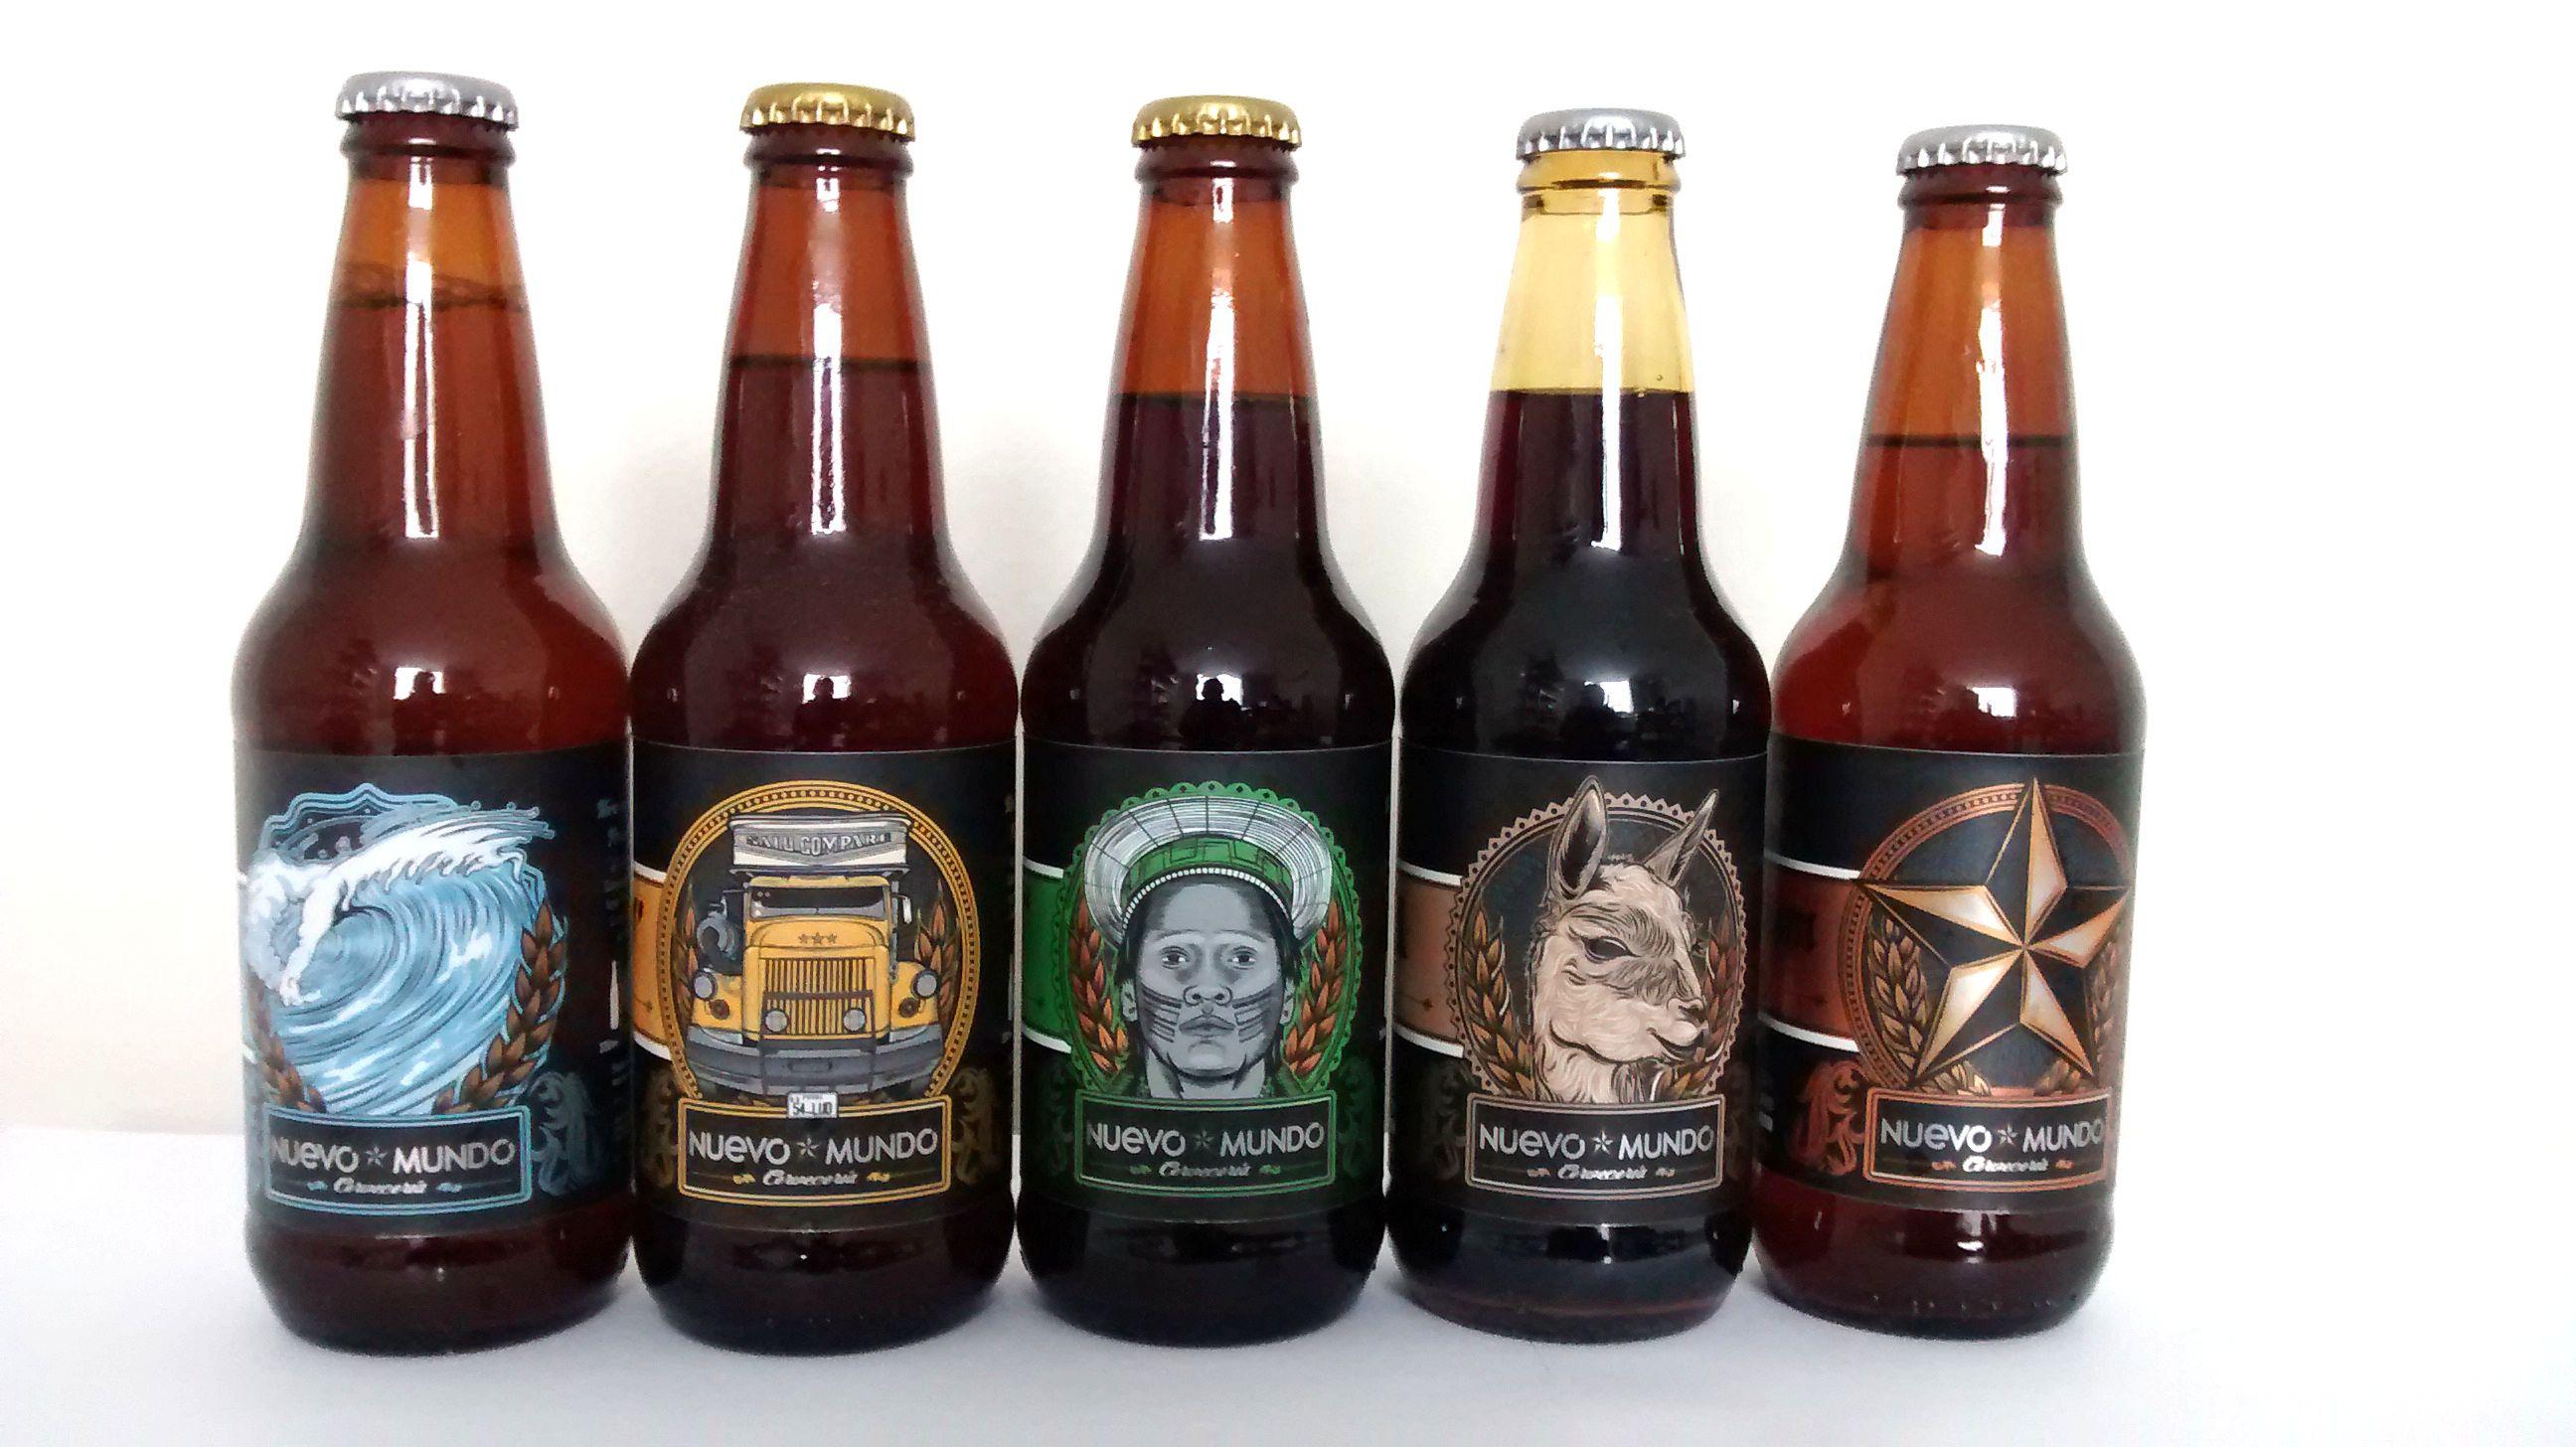 Nuevo Mundo Cervecería, más opciones para los amantes de la cerveza artesanal en Peru.  New craft brewery based in Peru.